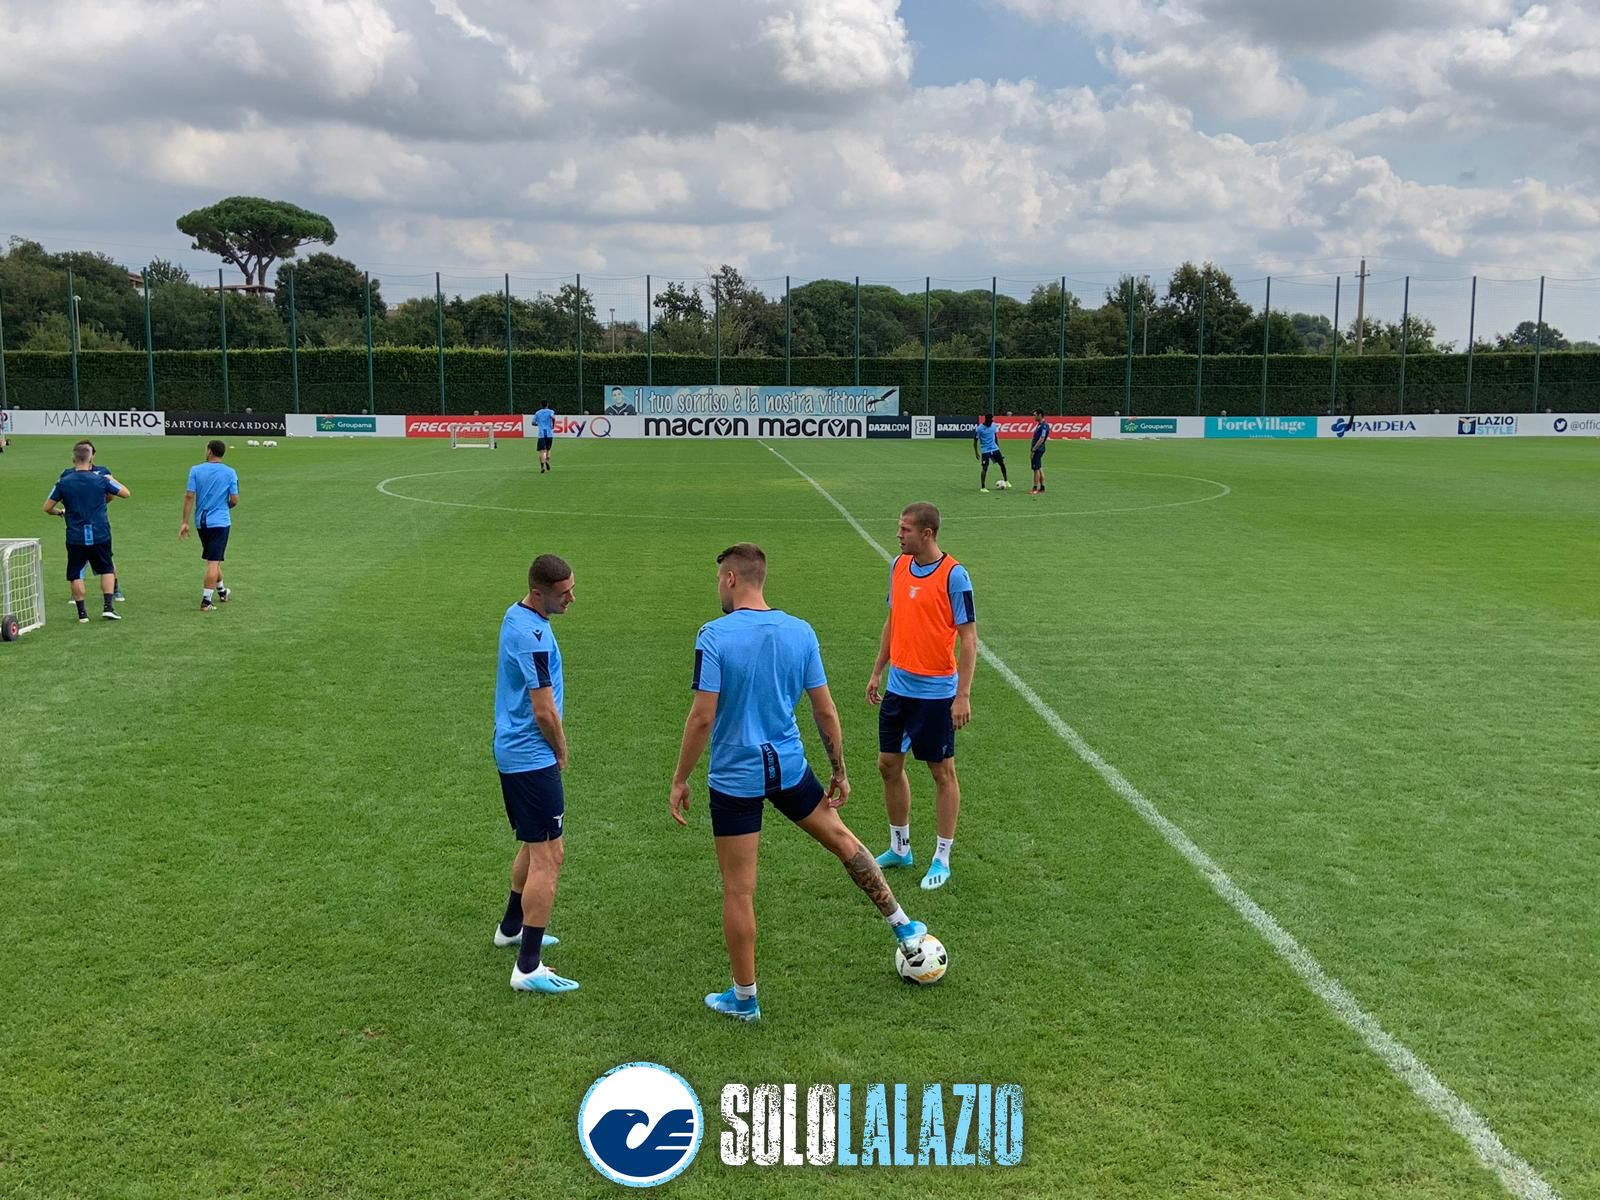 Archiviata la sconfitta, la Lazio torna subito a Formello